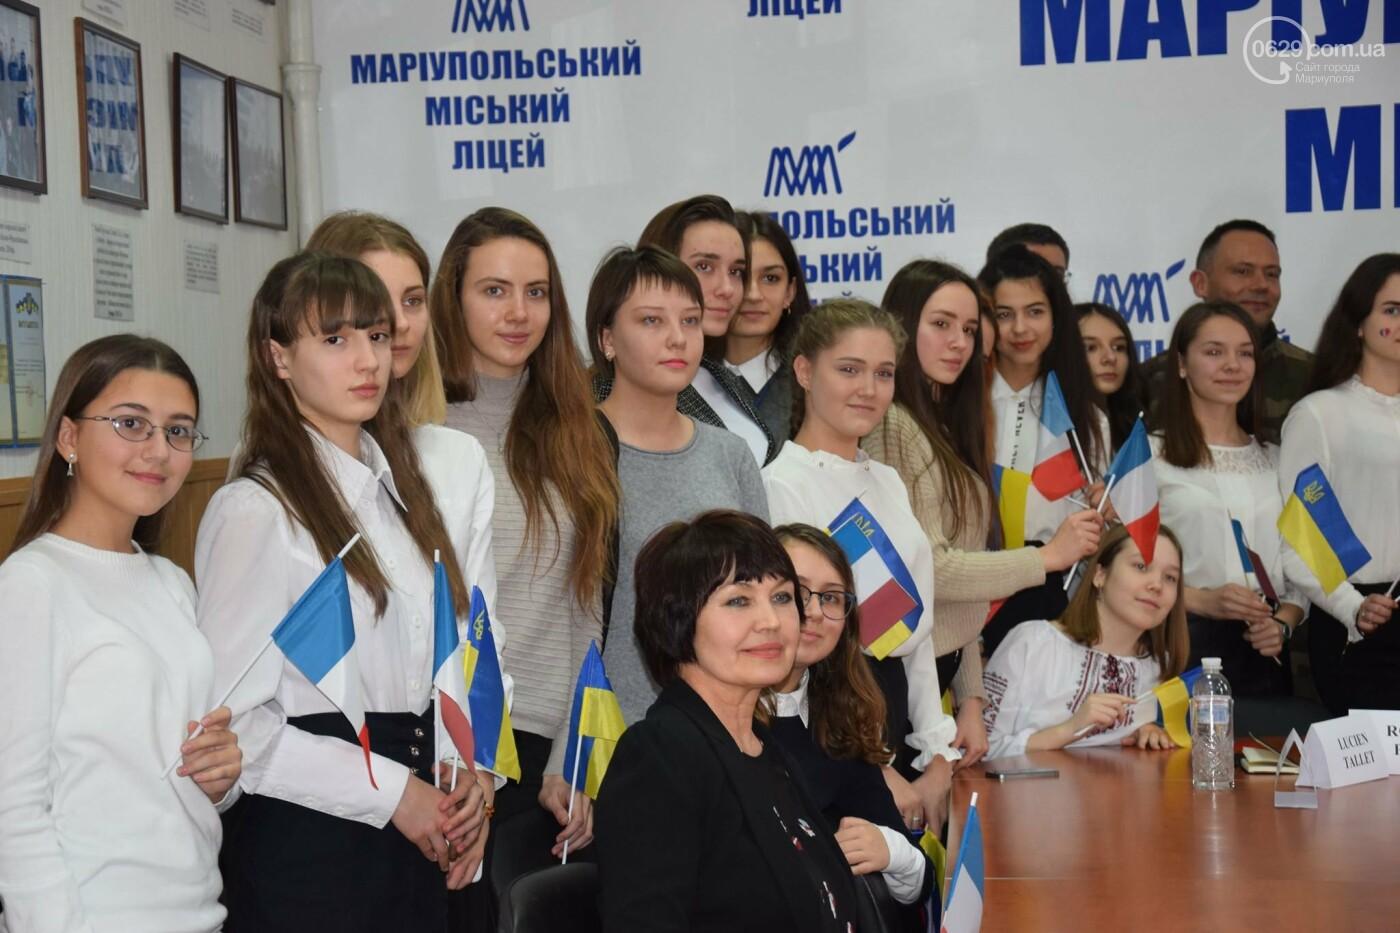 Посол Франции в Украине посетила Мариупольский лицей,- ФОТО, ВИДЕО, фото-5